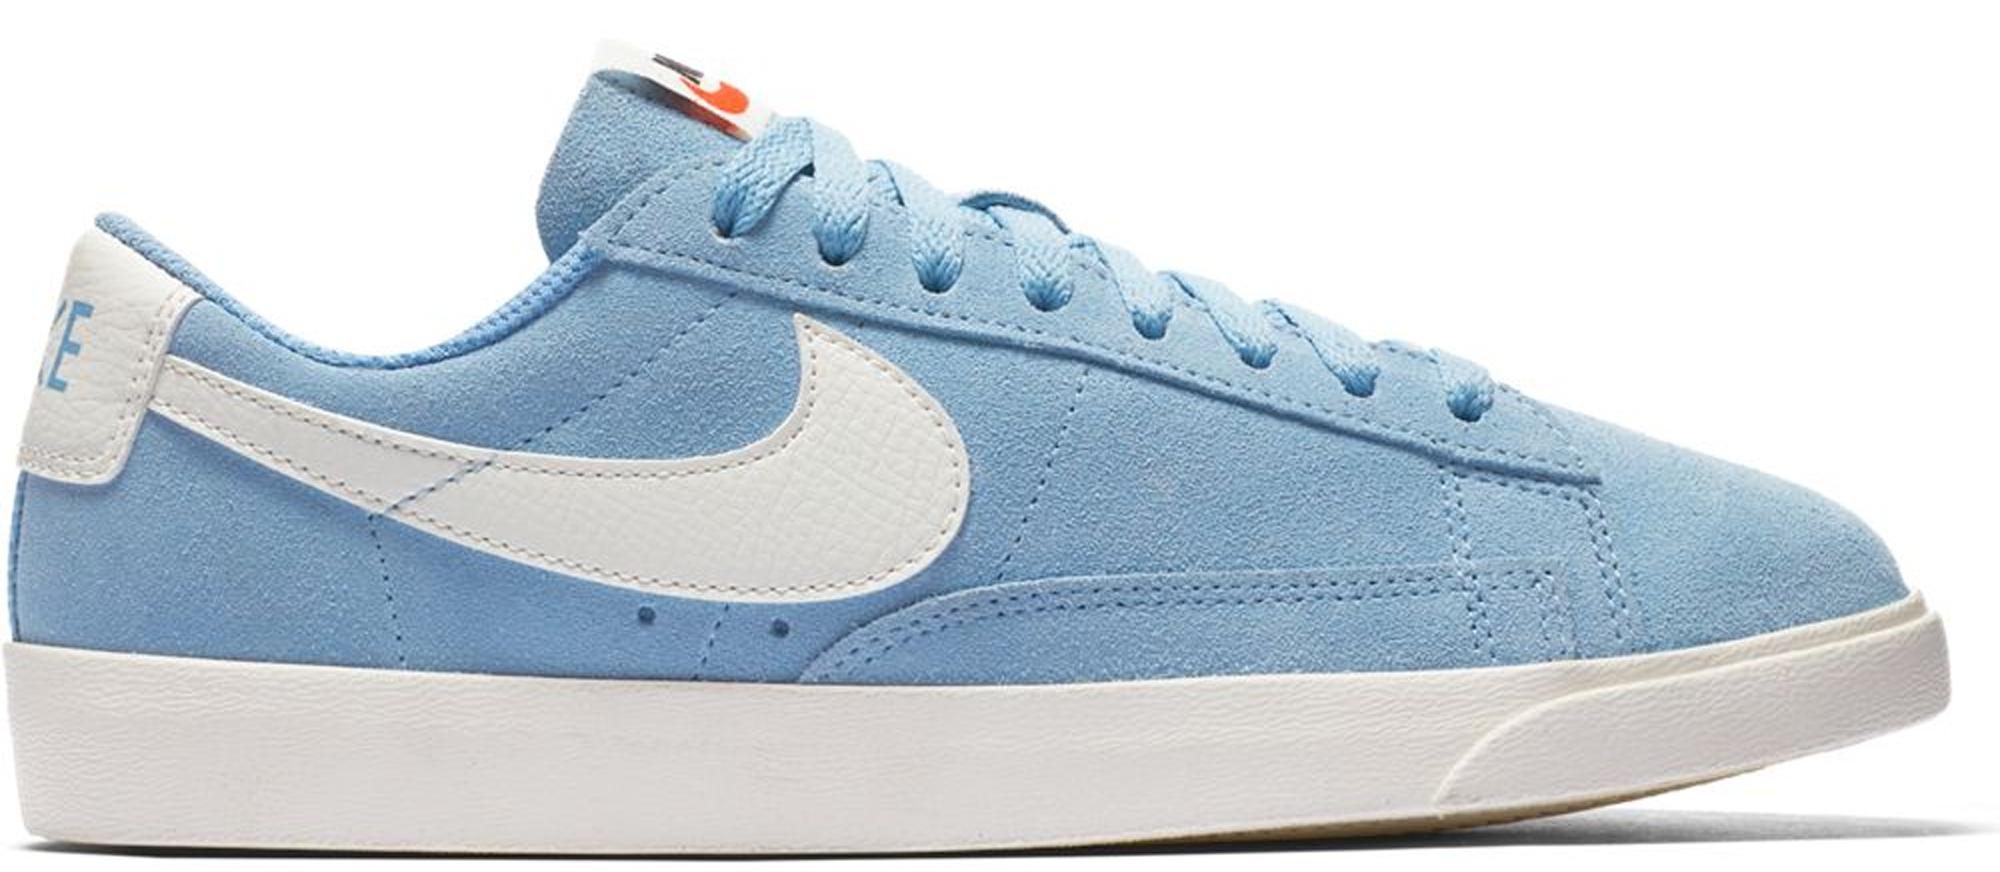 Nike Blazer Low Leche Blue (W) - AA3962-404